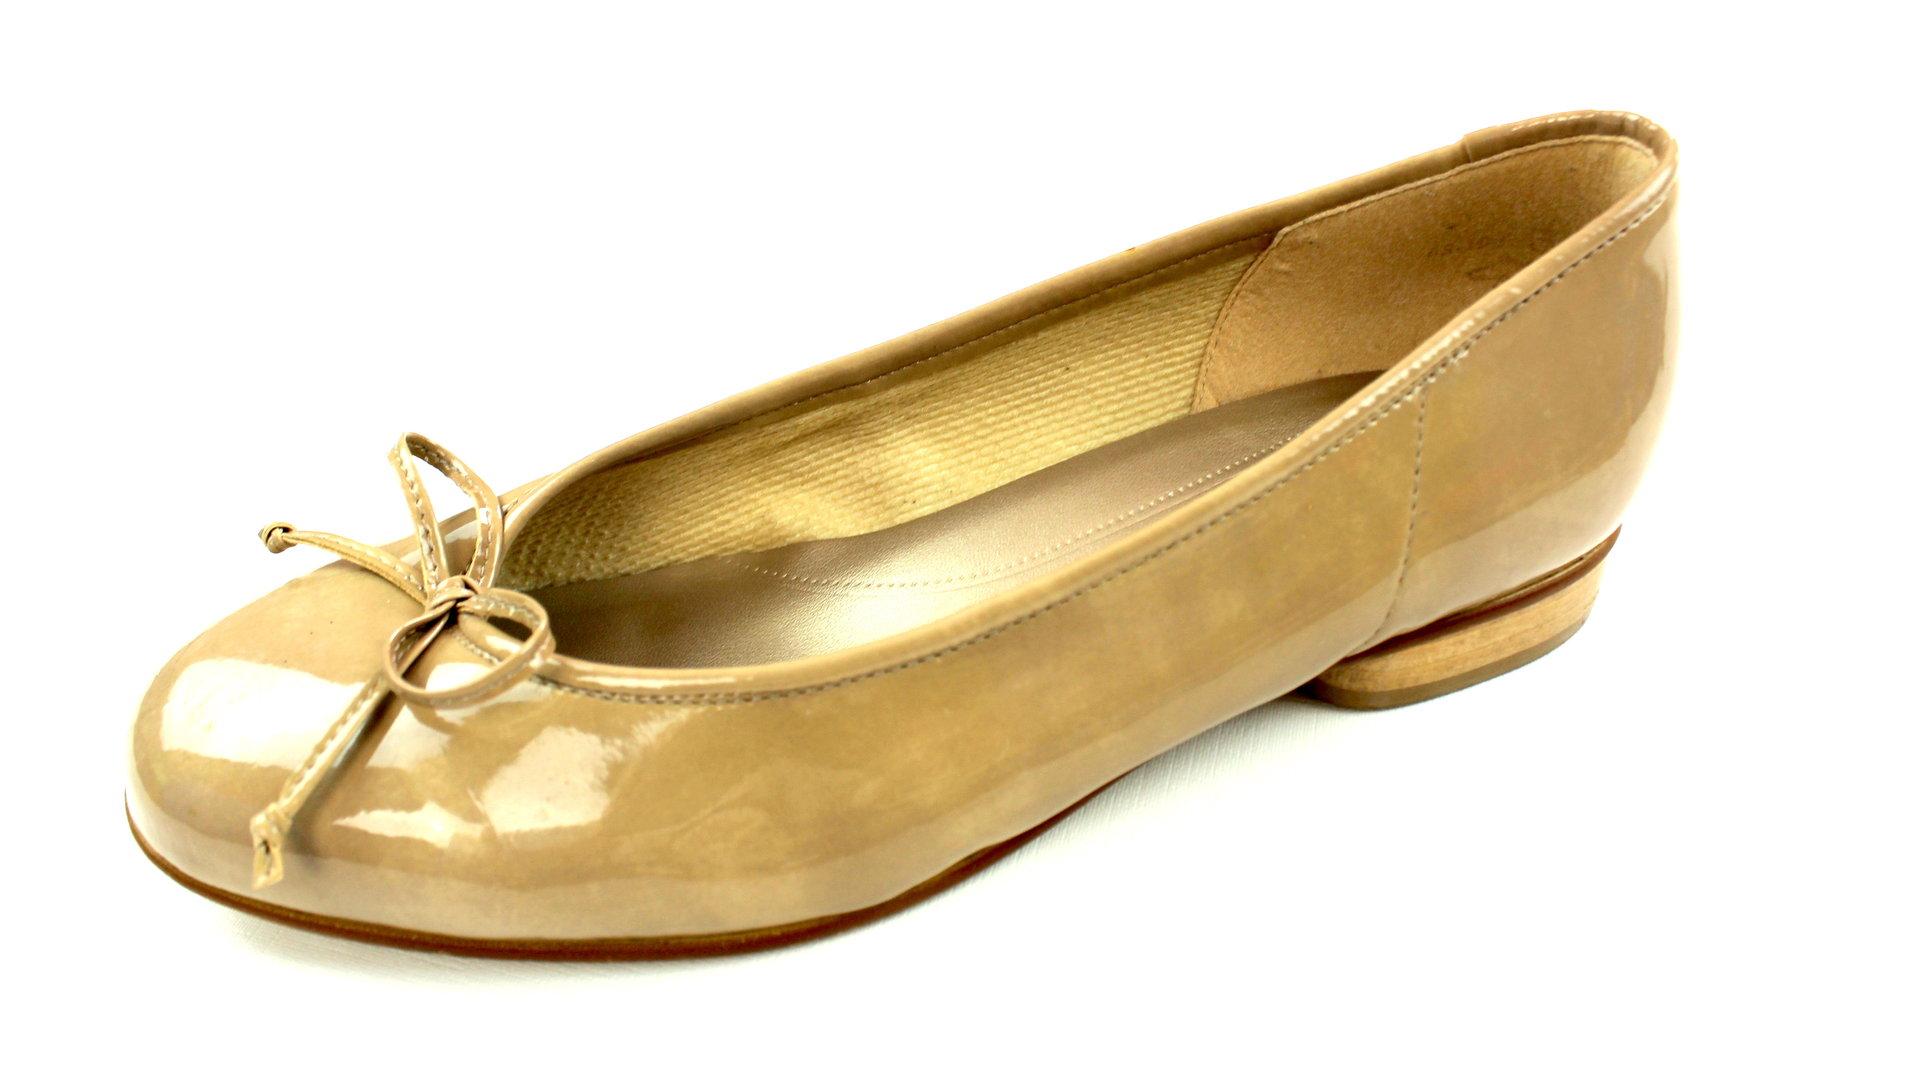 buy online 4d31e 54937 GABOR Lack Ballerinas Slipper Hlab Schuhe beige Schleife 38